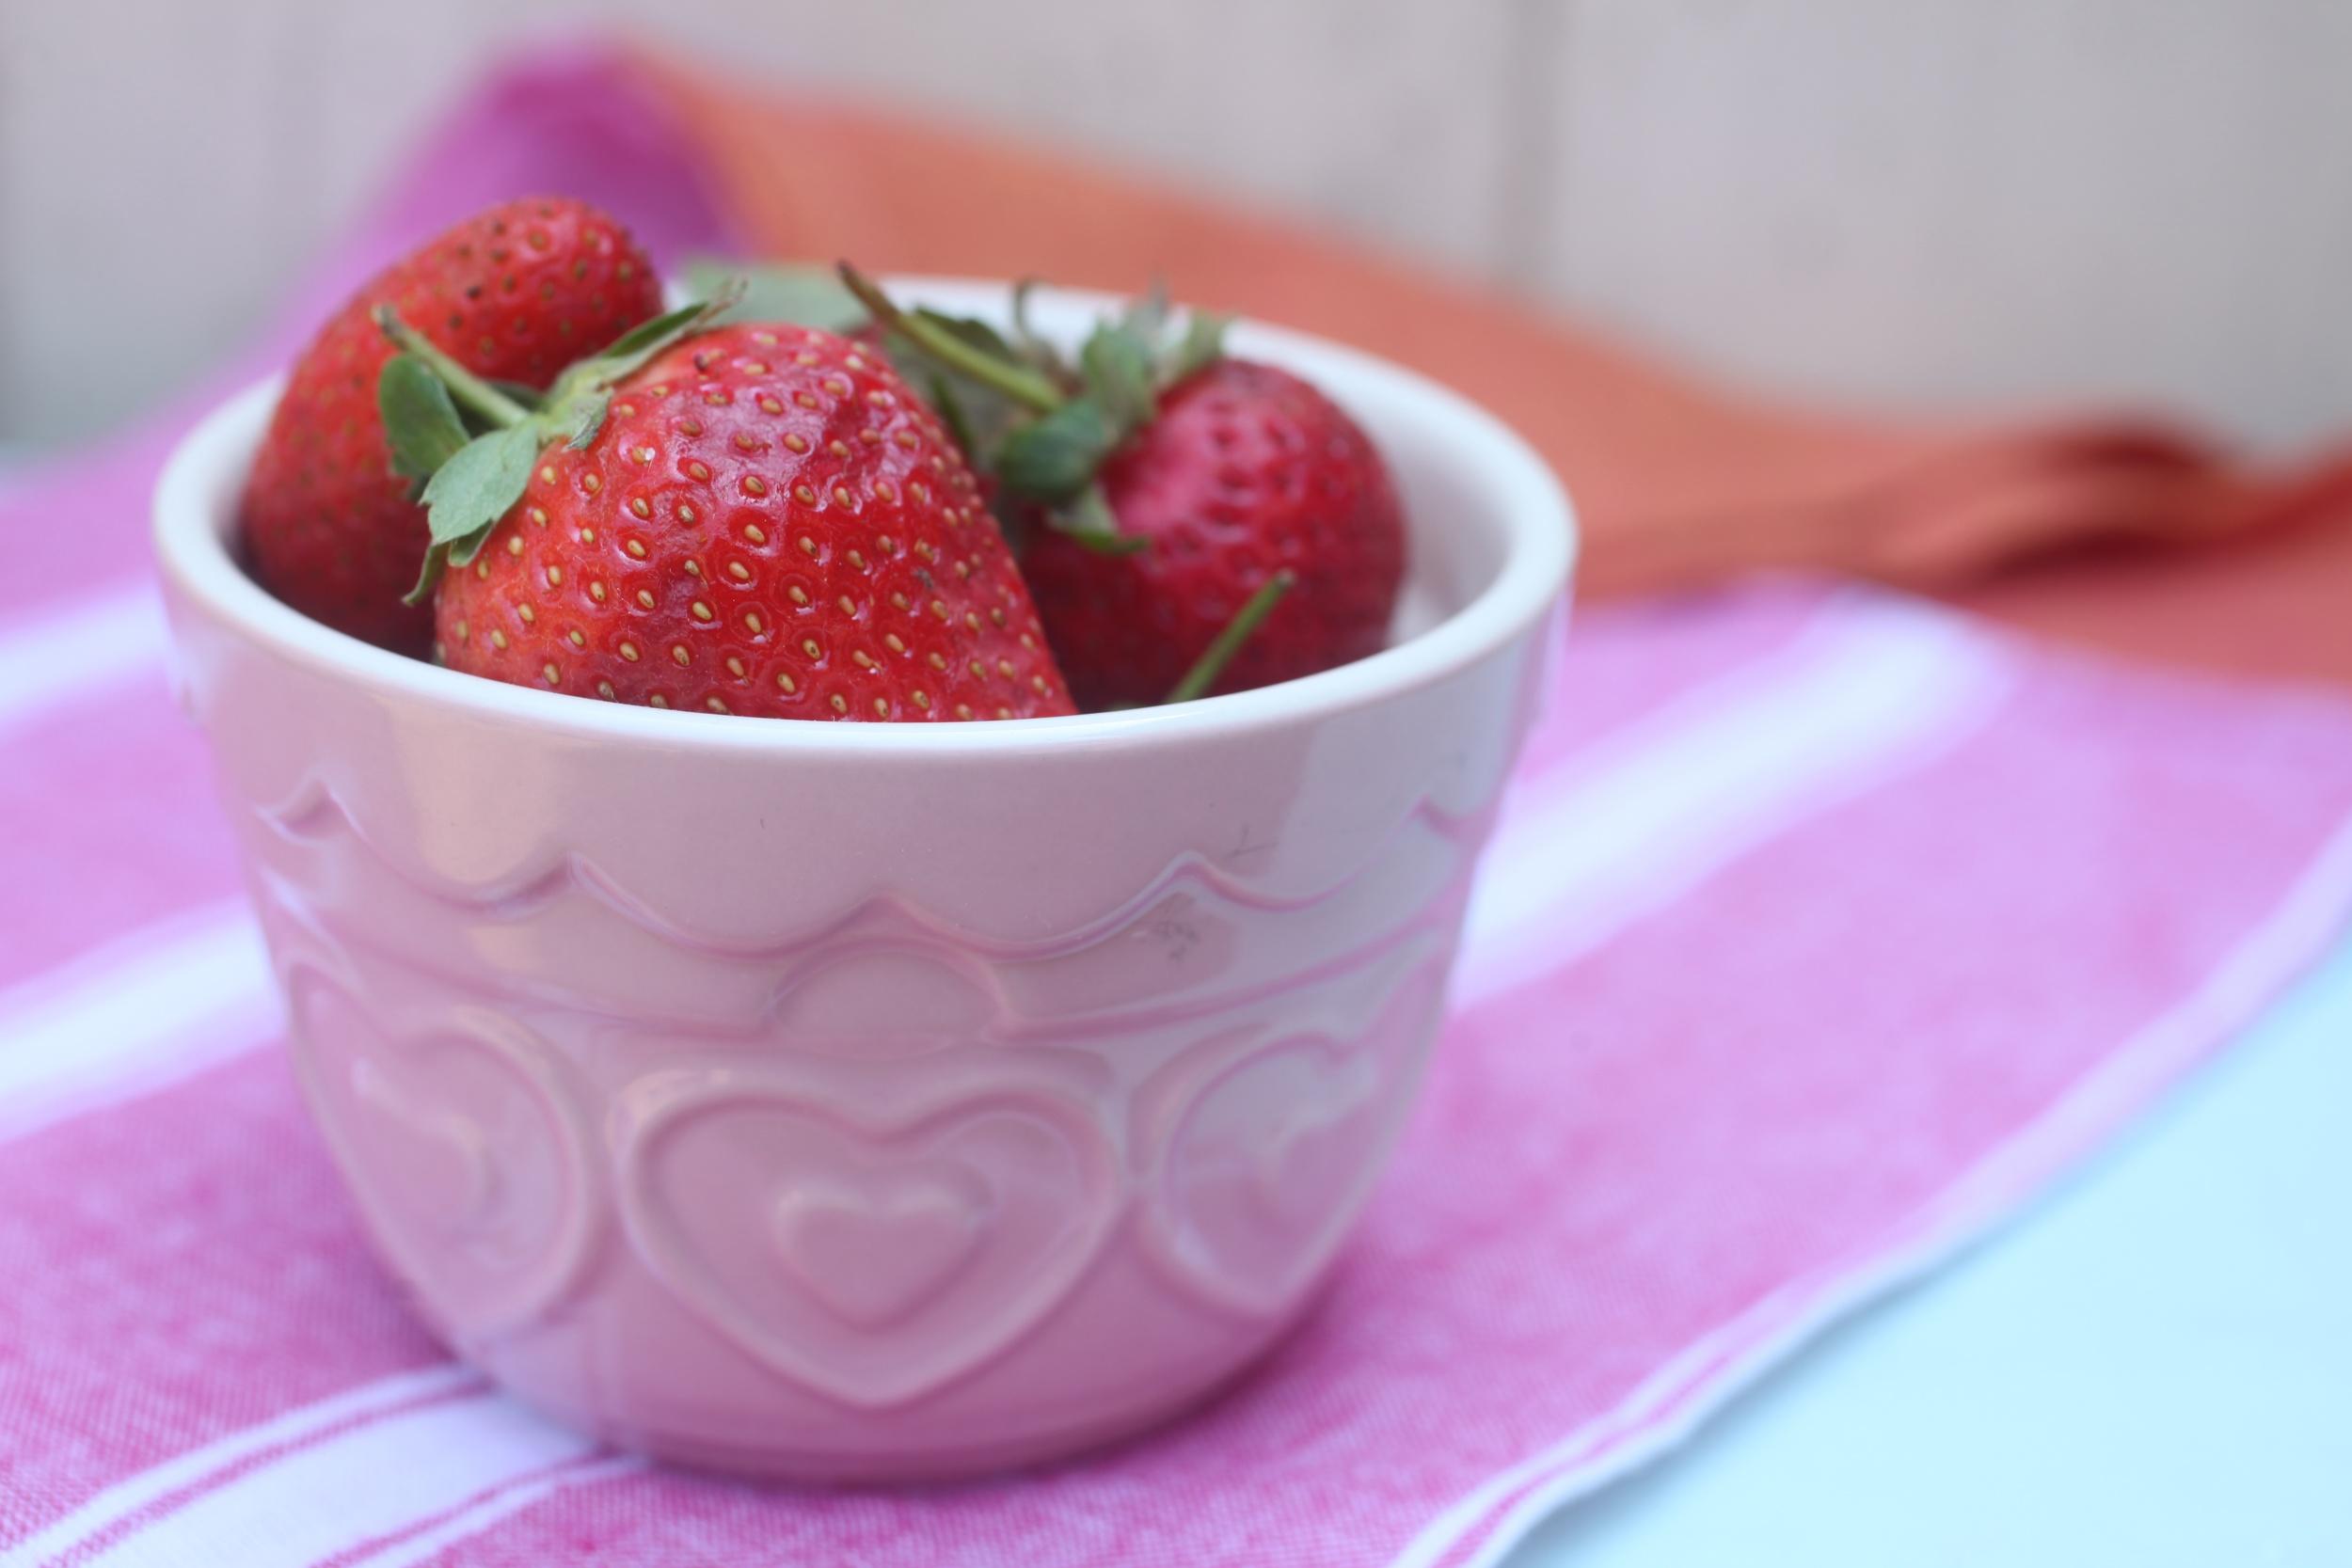 strawberries 016.jpg